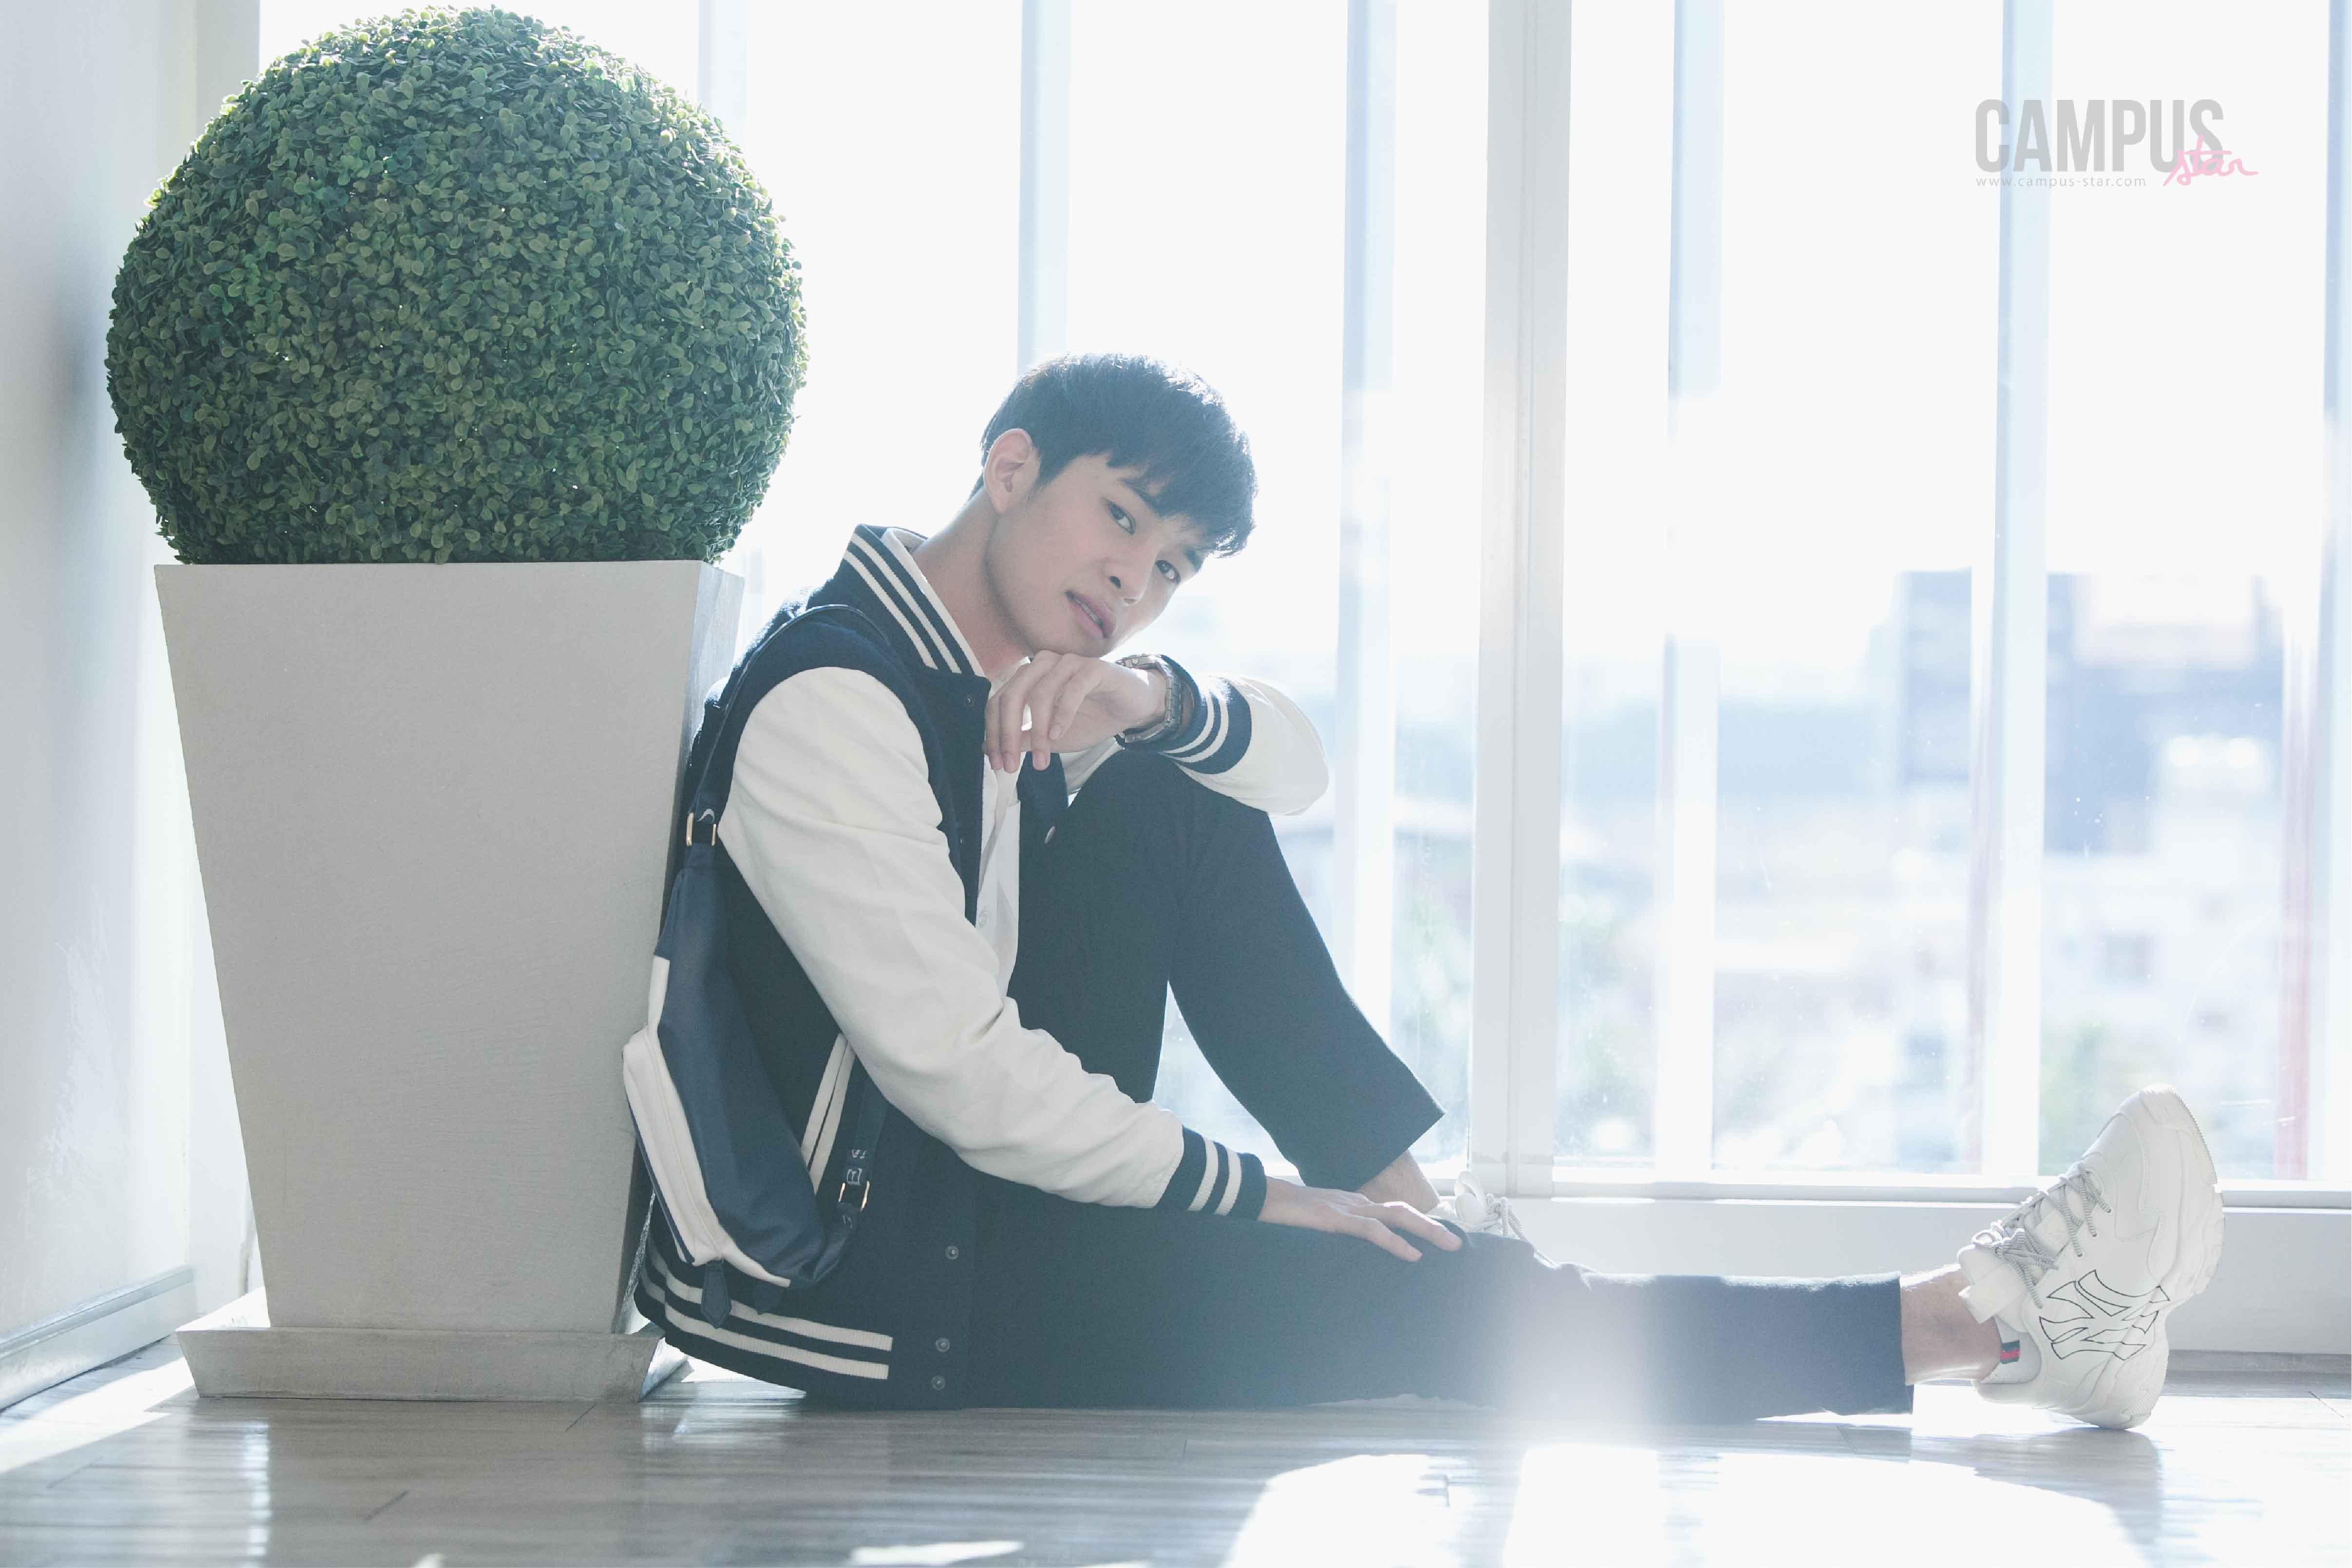 Cute Boy Cute Boy Thailand ทรูโฟร์ยู ช่อง 24 ม.นเรศวร อาร์ต-ภาคภูมิ จวนชัยนาท